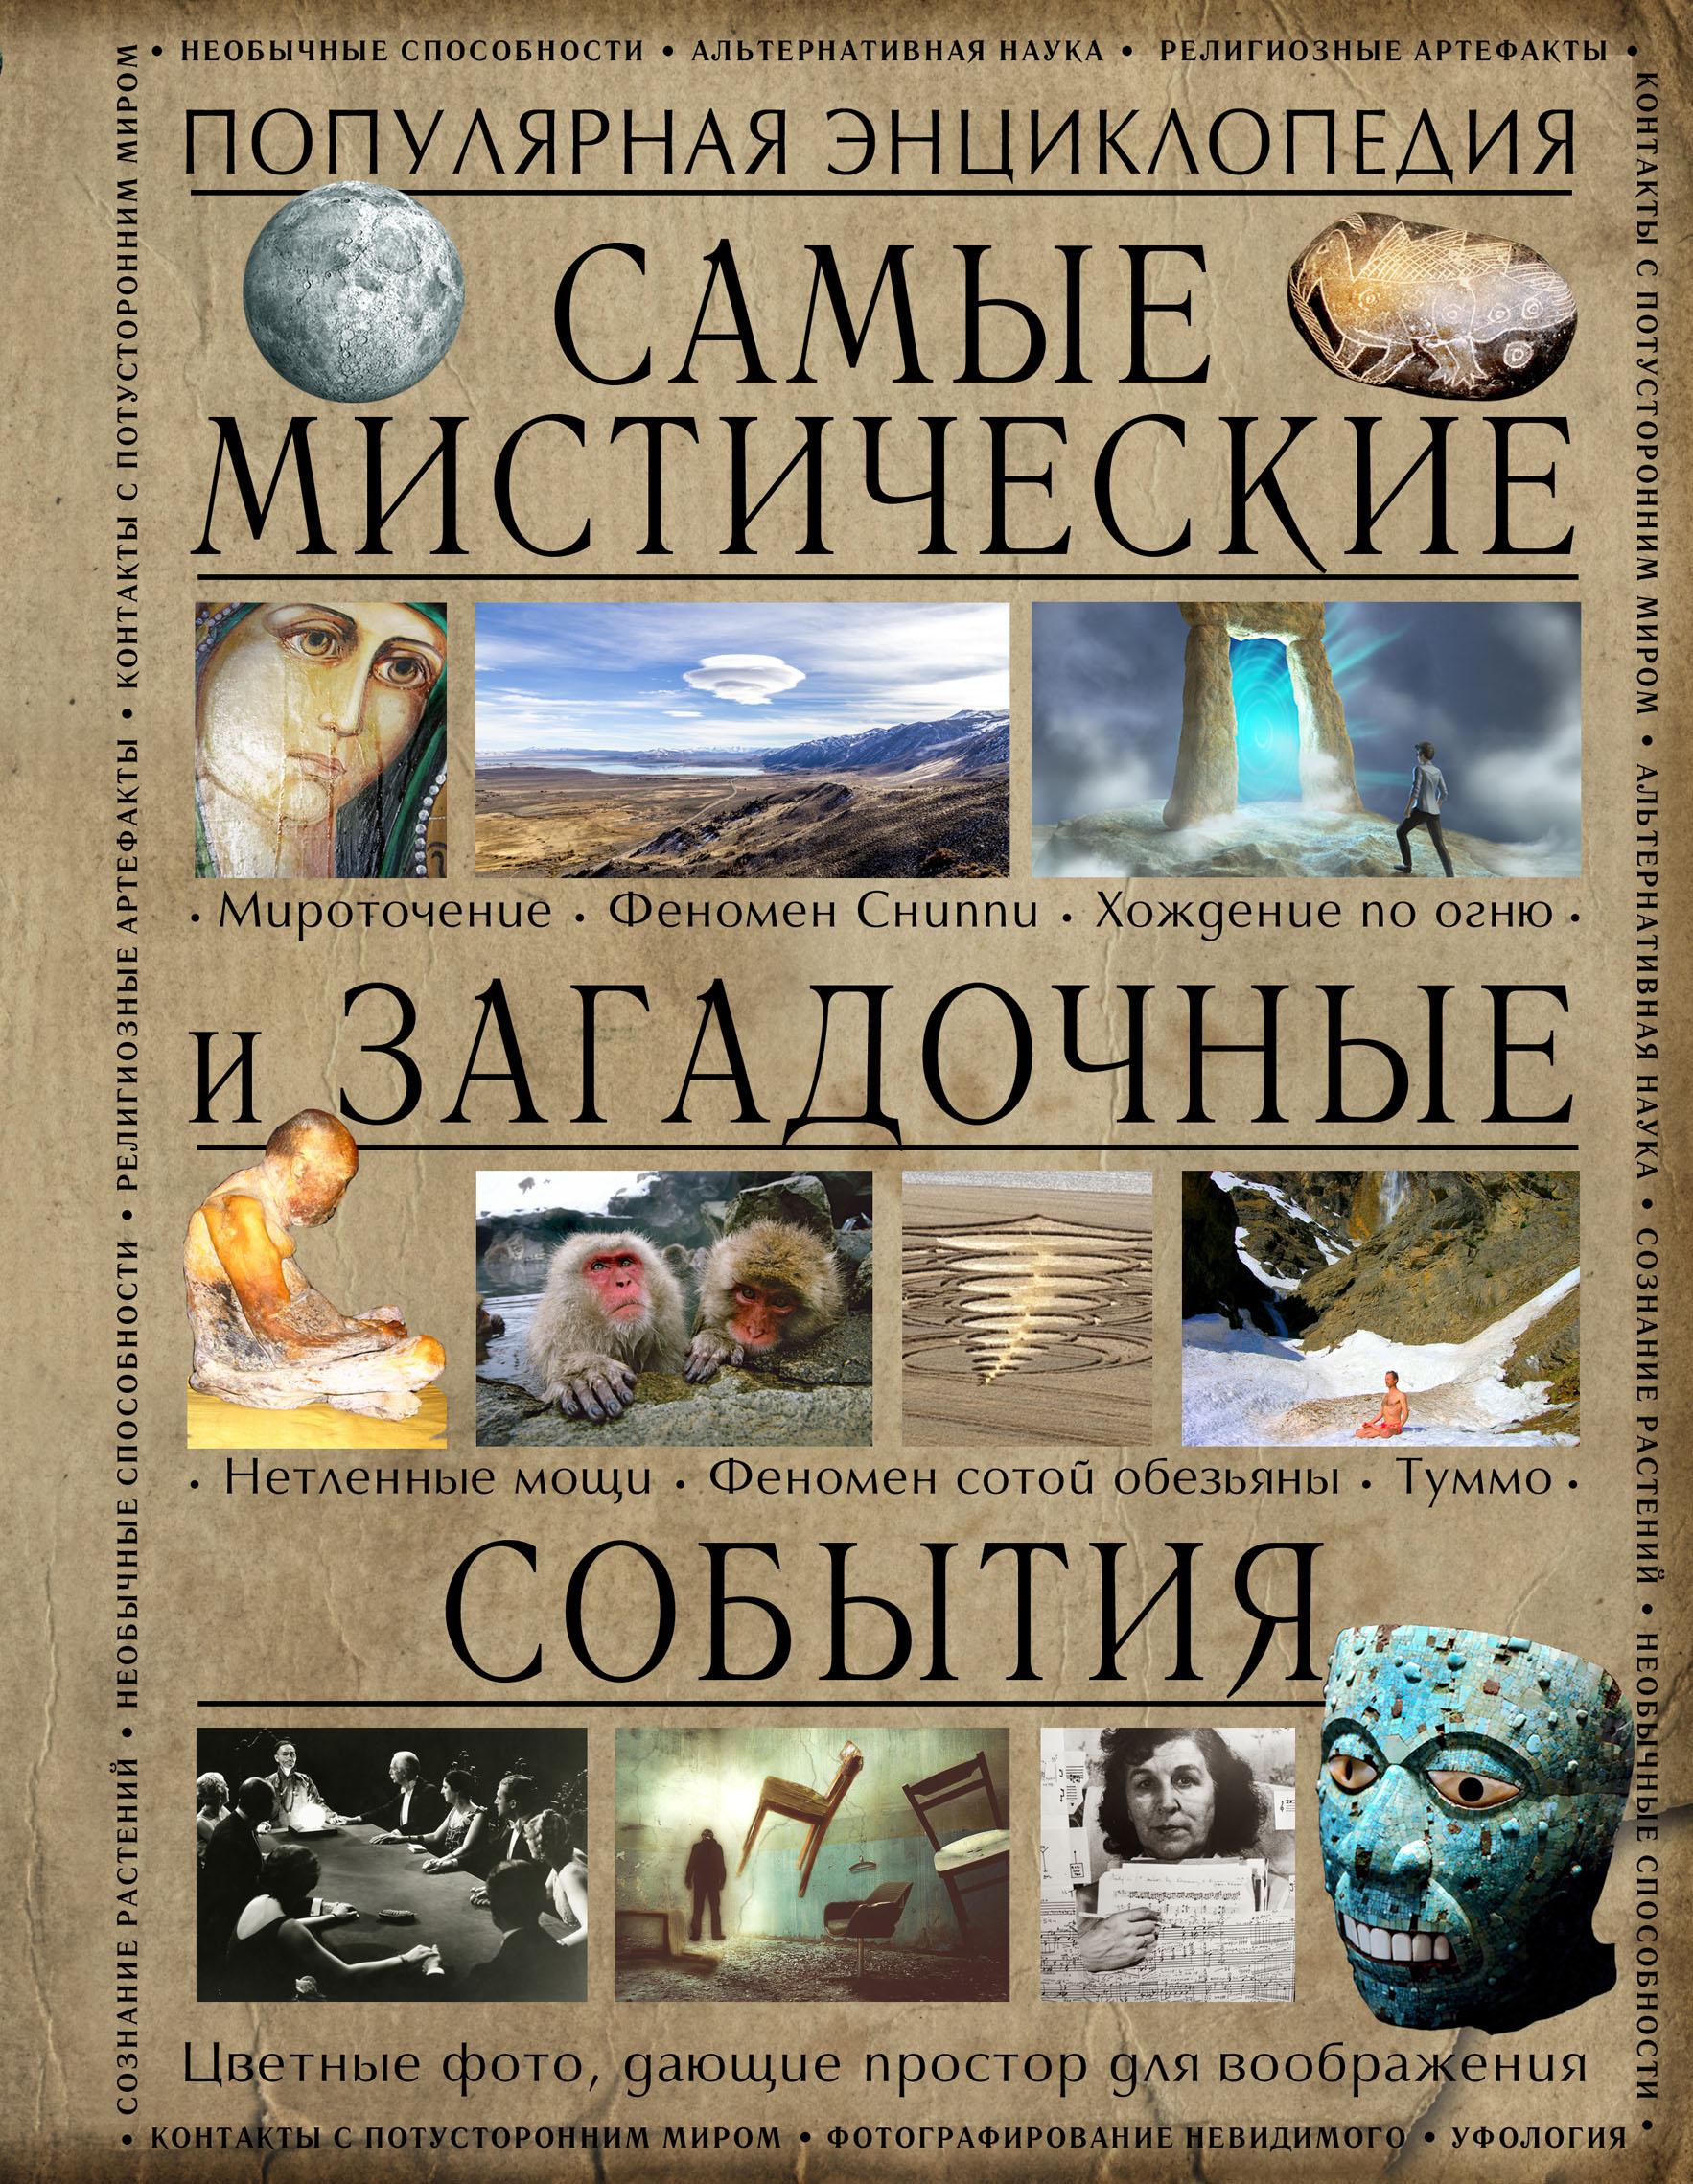 Самые мистические и загадочные события. Вяткин Аркадий Дмитриевич